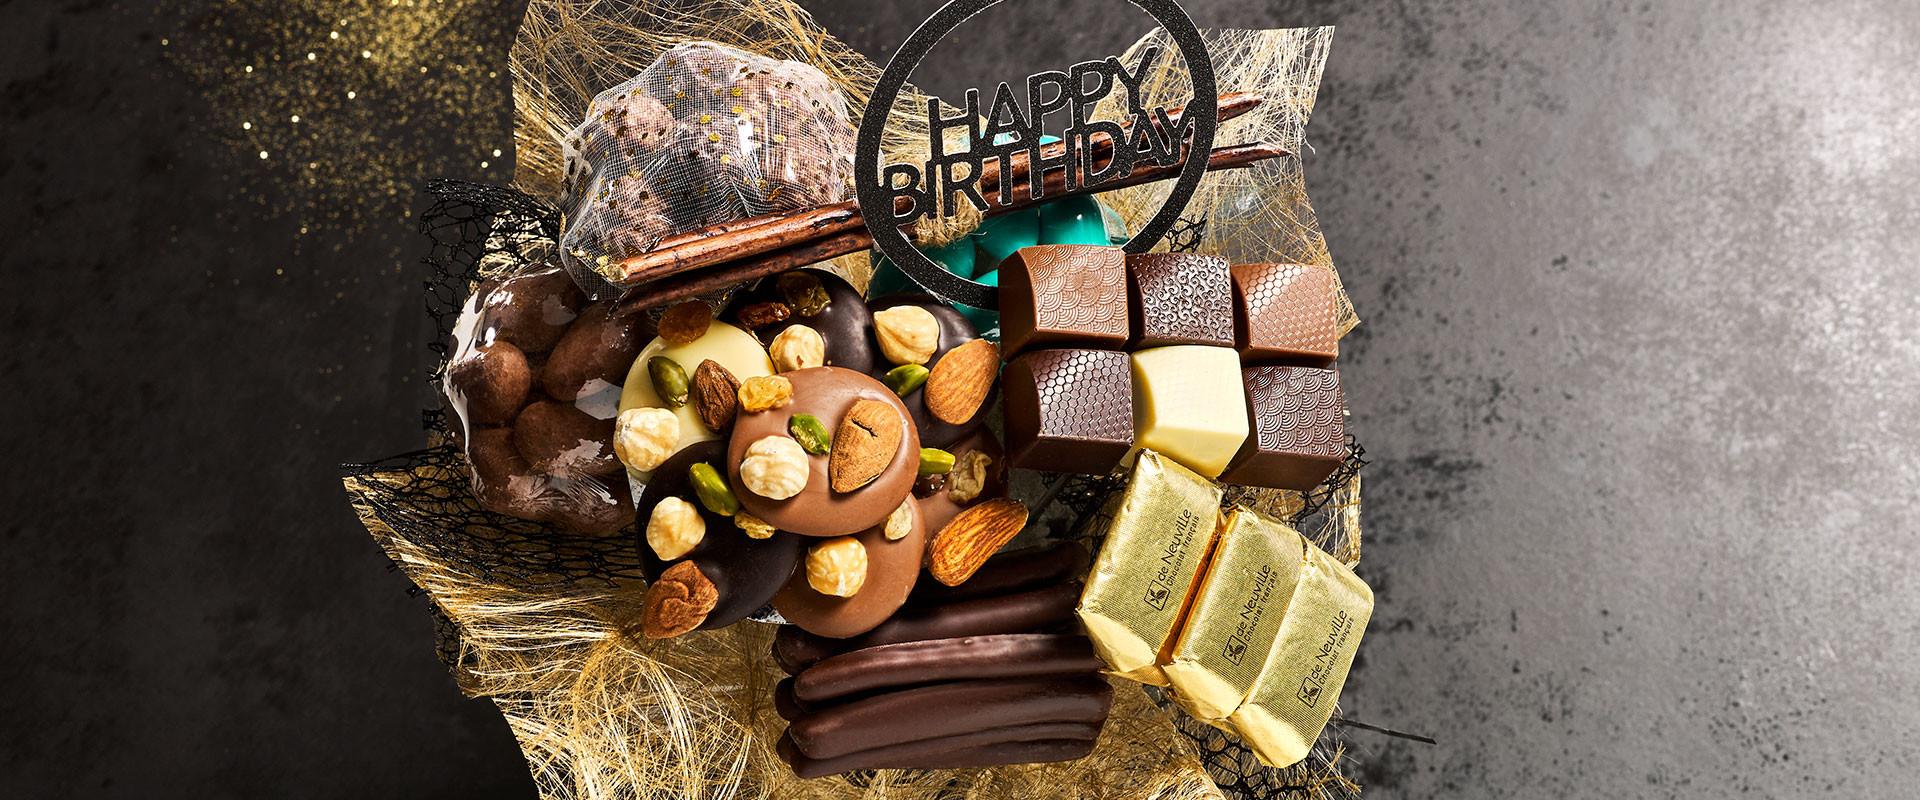 Trop facile ! Le cadeau anniversaire en chocolat !